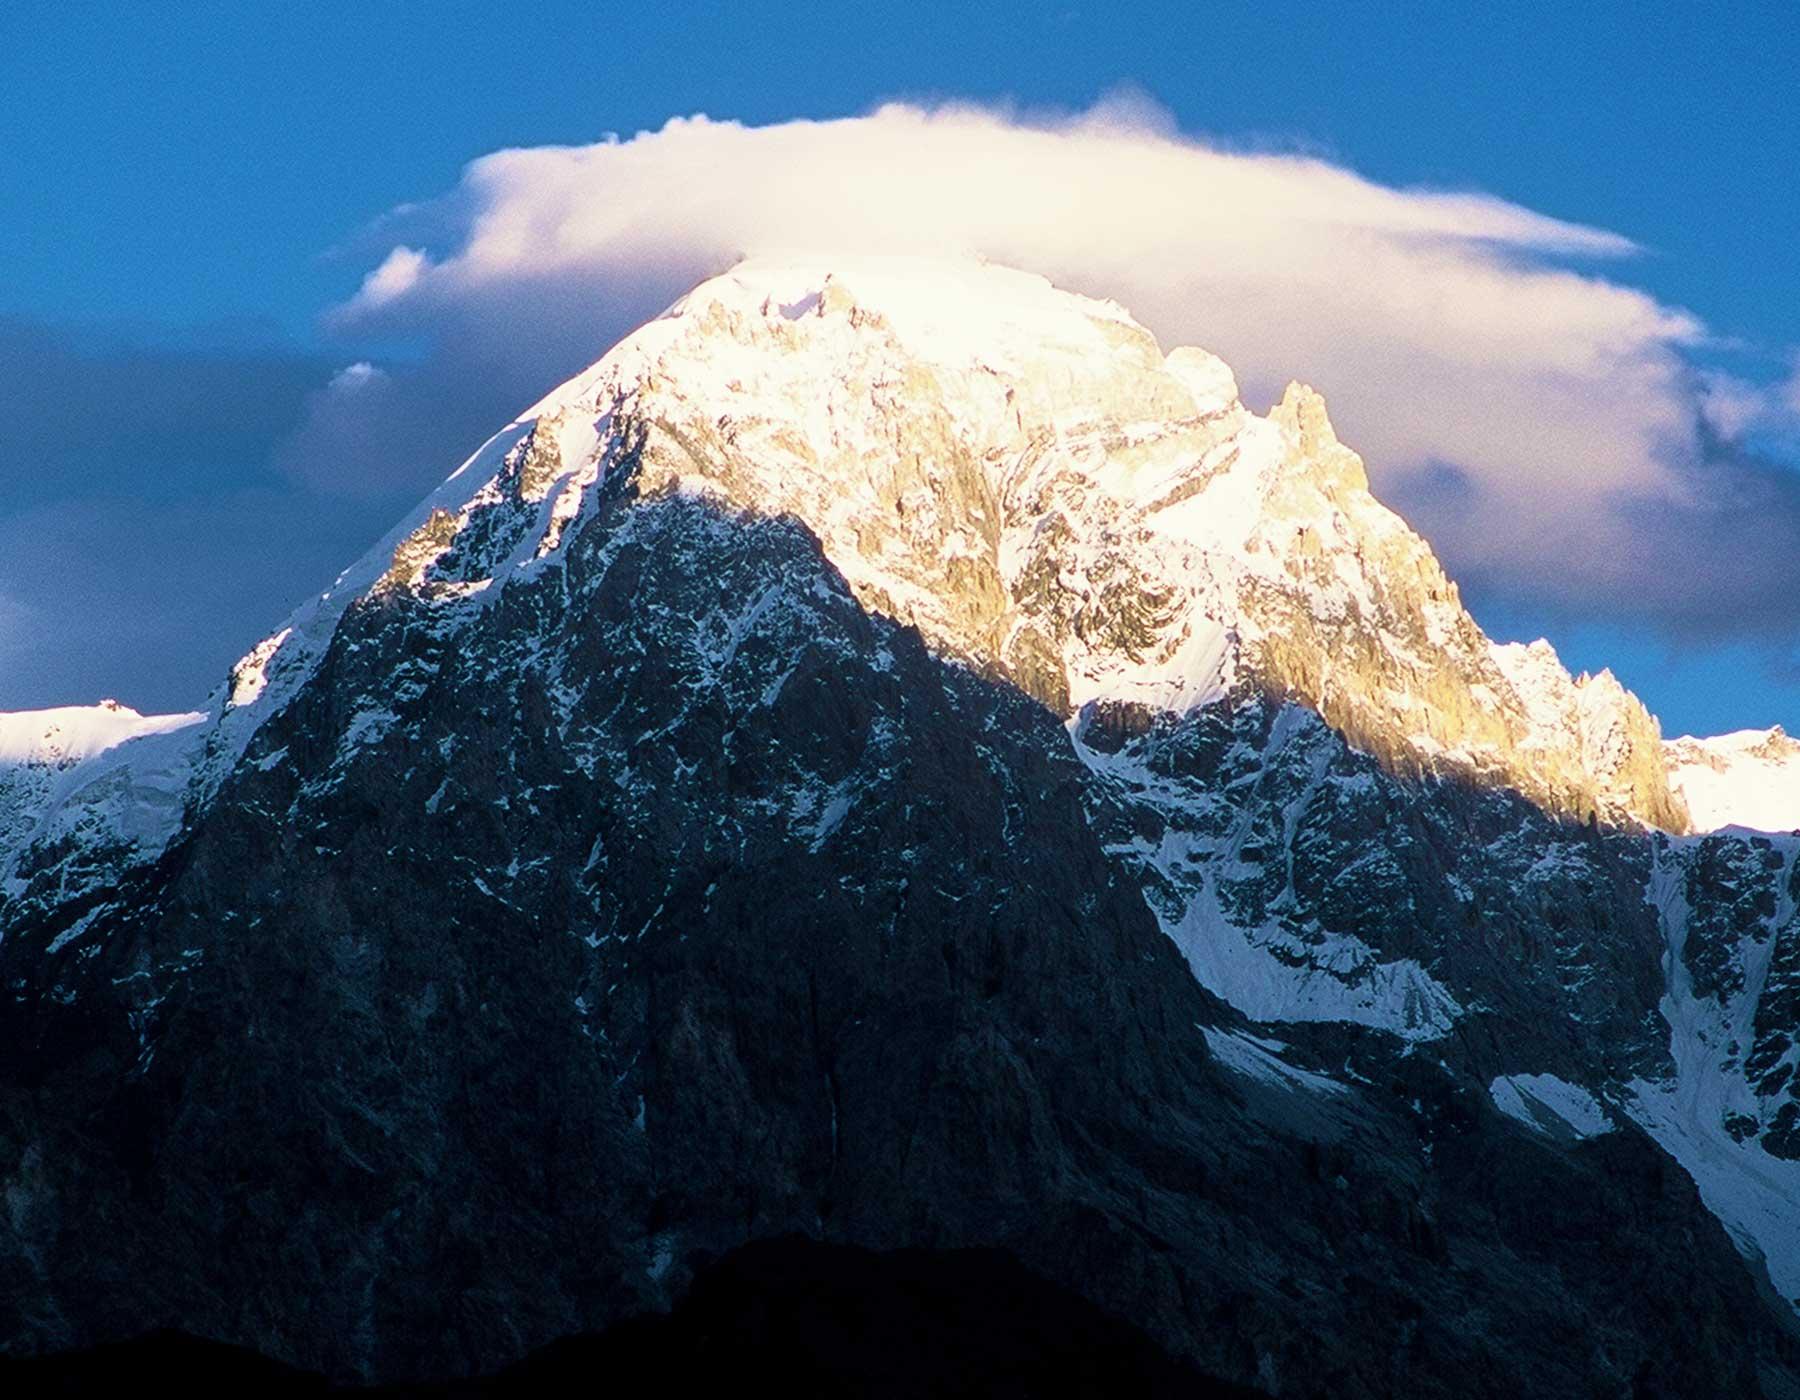 Pakistan Photo Journal - Dr Steven Martin - Karakoram Range - Gilgit - Silk Road